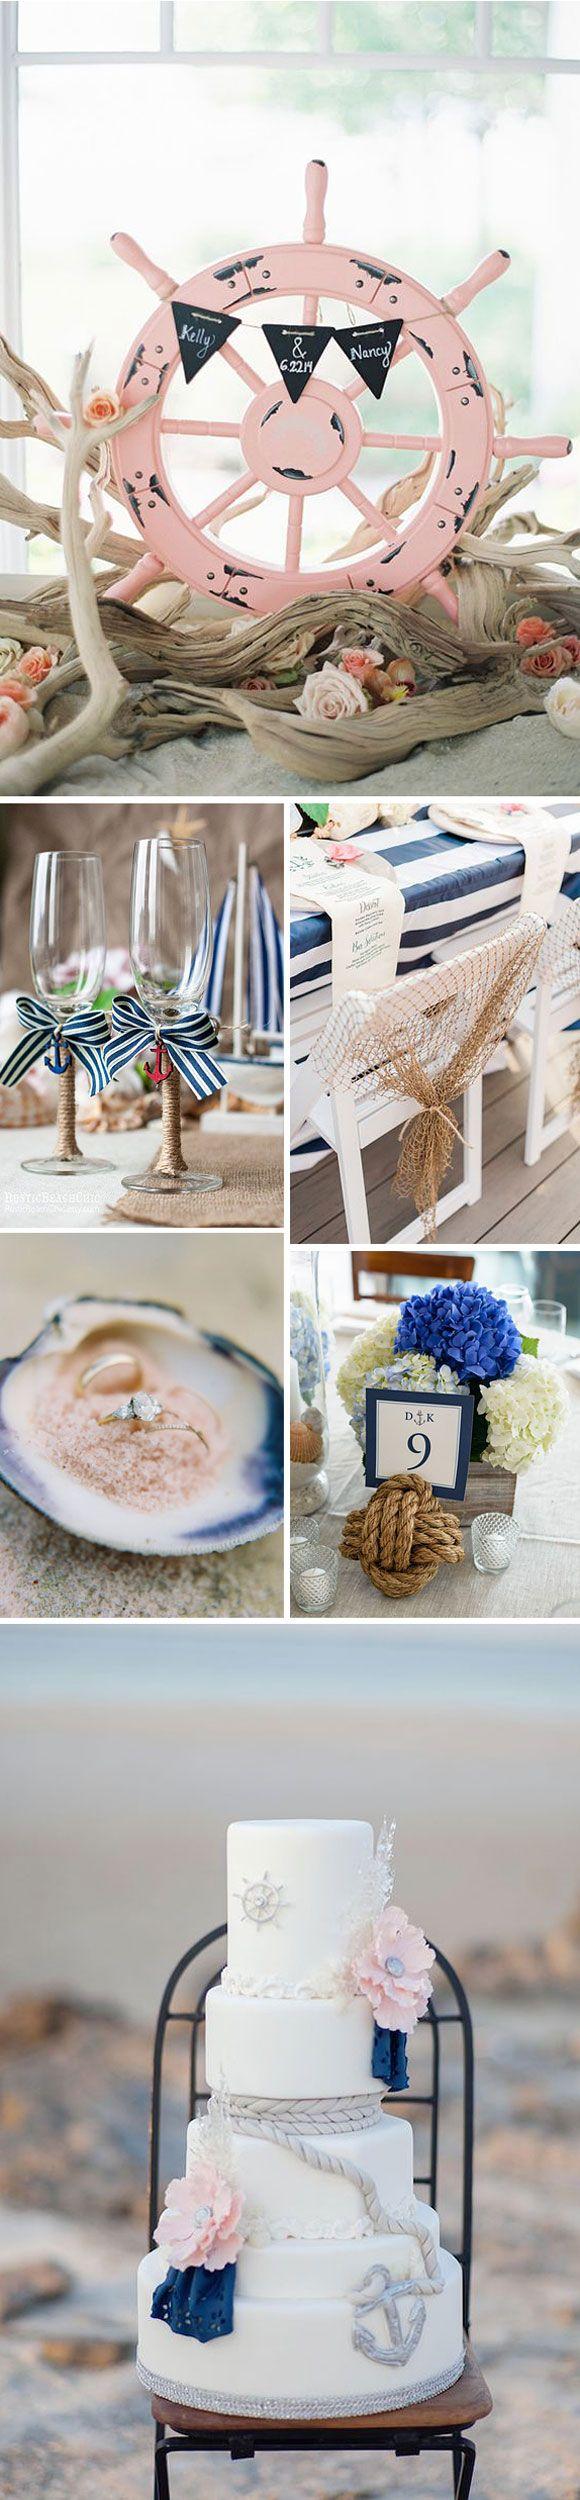 Decoración para una boda en la playa